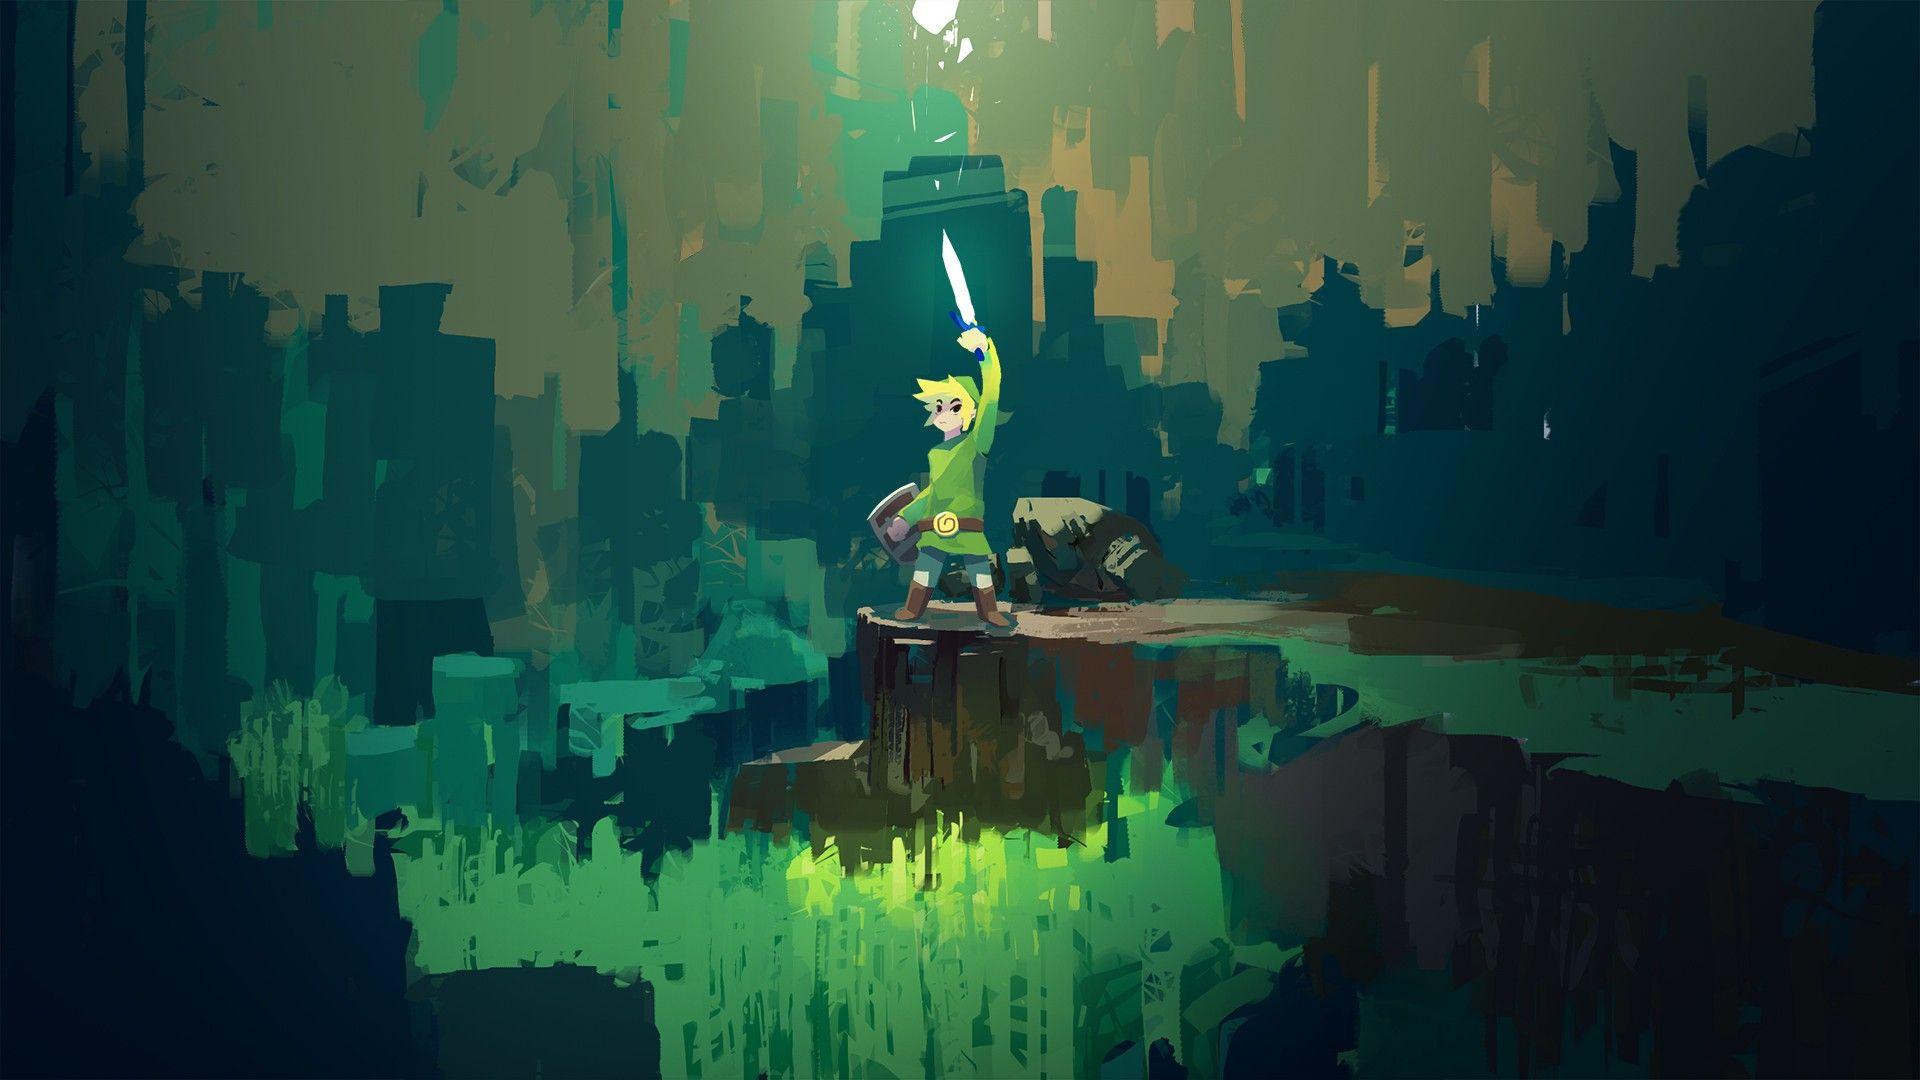 The Legend Of Zelda Master Sword Wallpapers High Quality Zelda Master Sword Digital Wallpaper Zelda Art